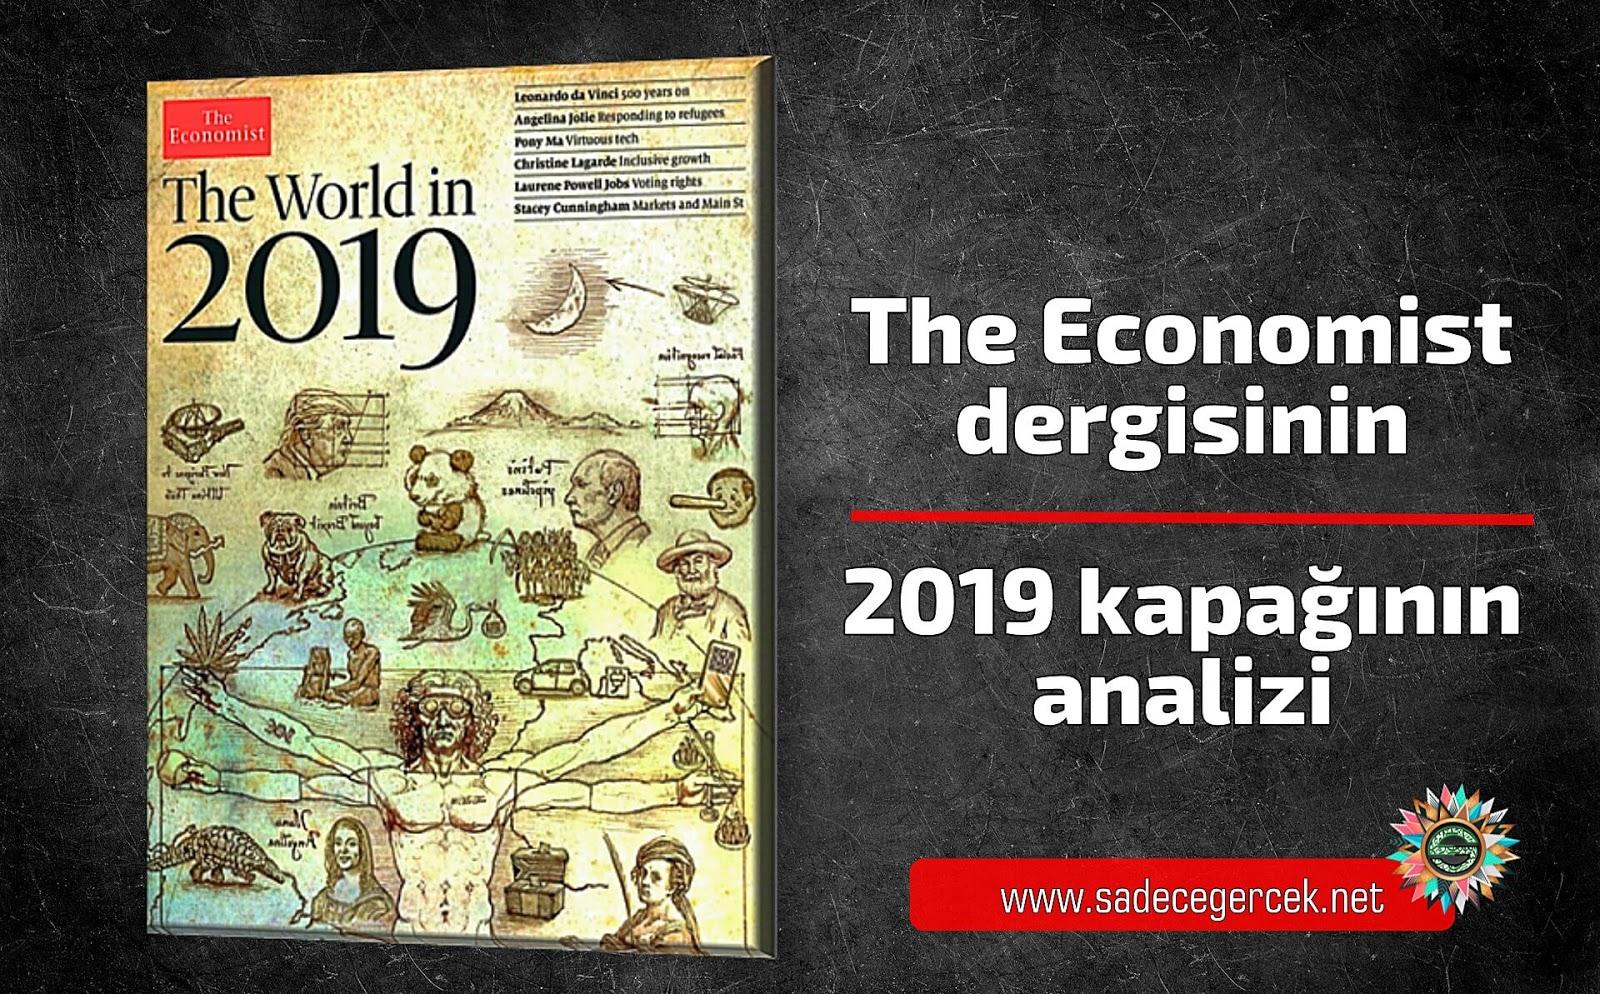 The Economist Dergisinin 2019 Kapaginin Analizi Sadece Gercek